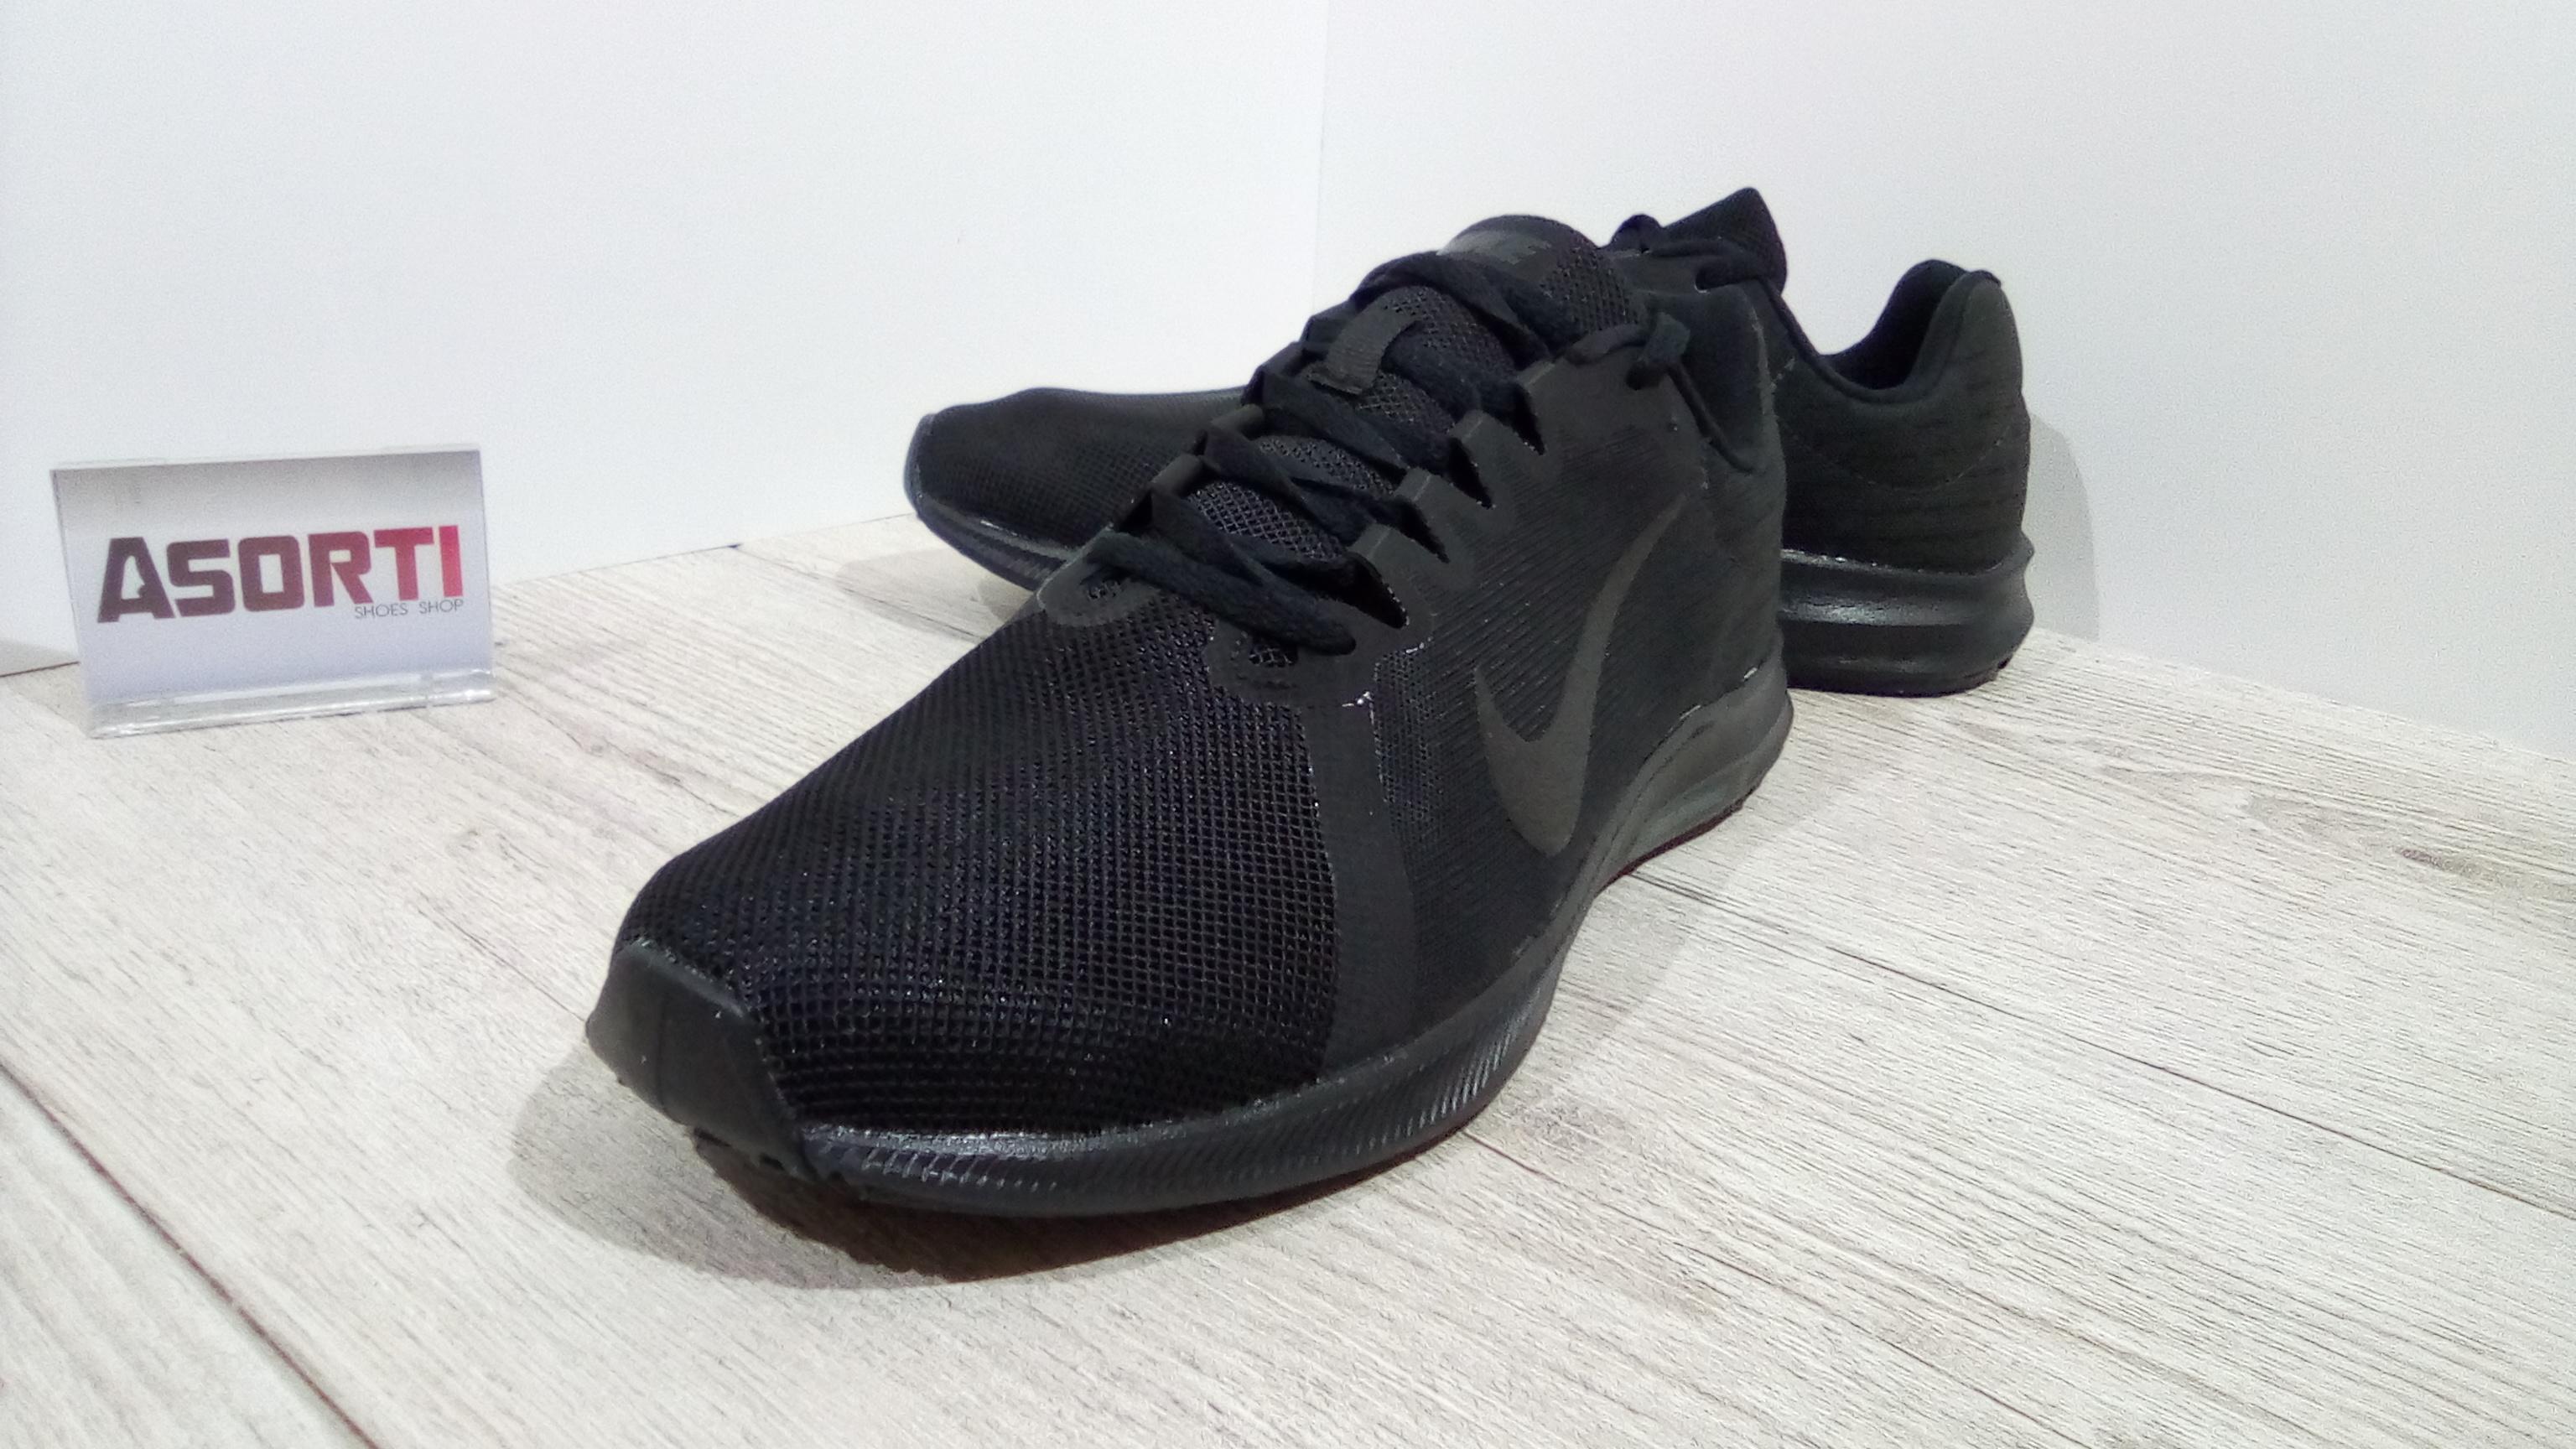 1c4c29f2 ... Мужские беговые кроссовки Nike Downshifter 8 (908984-002) черные ...